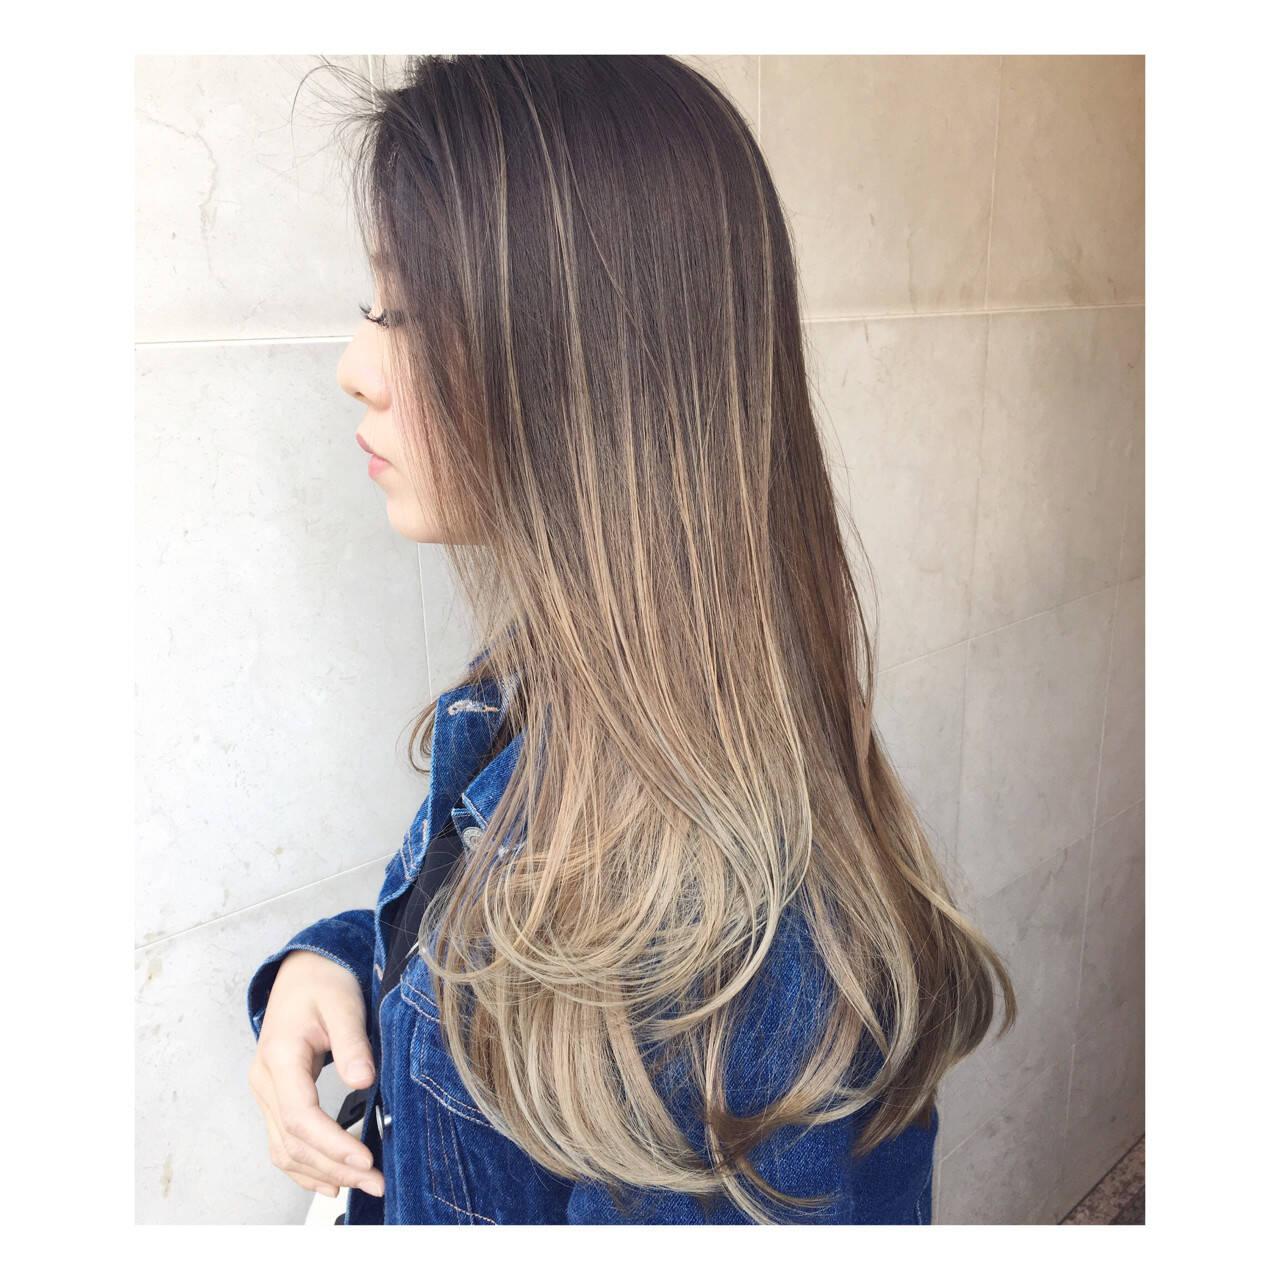 グラデーションカラー 外国人風 ロング ベージュヘアスタイルや髪型の写真・画像